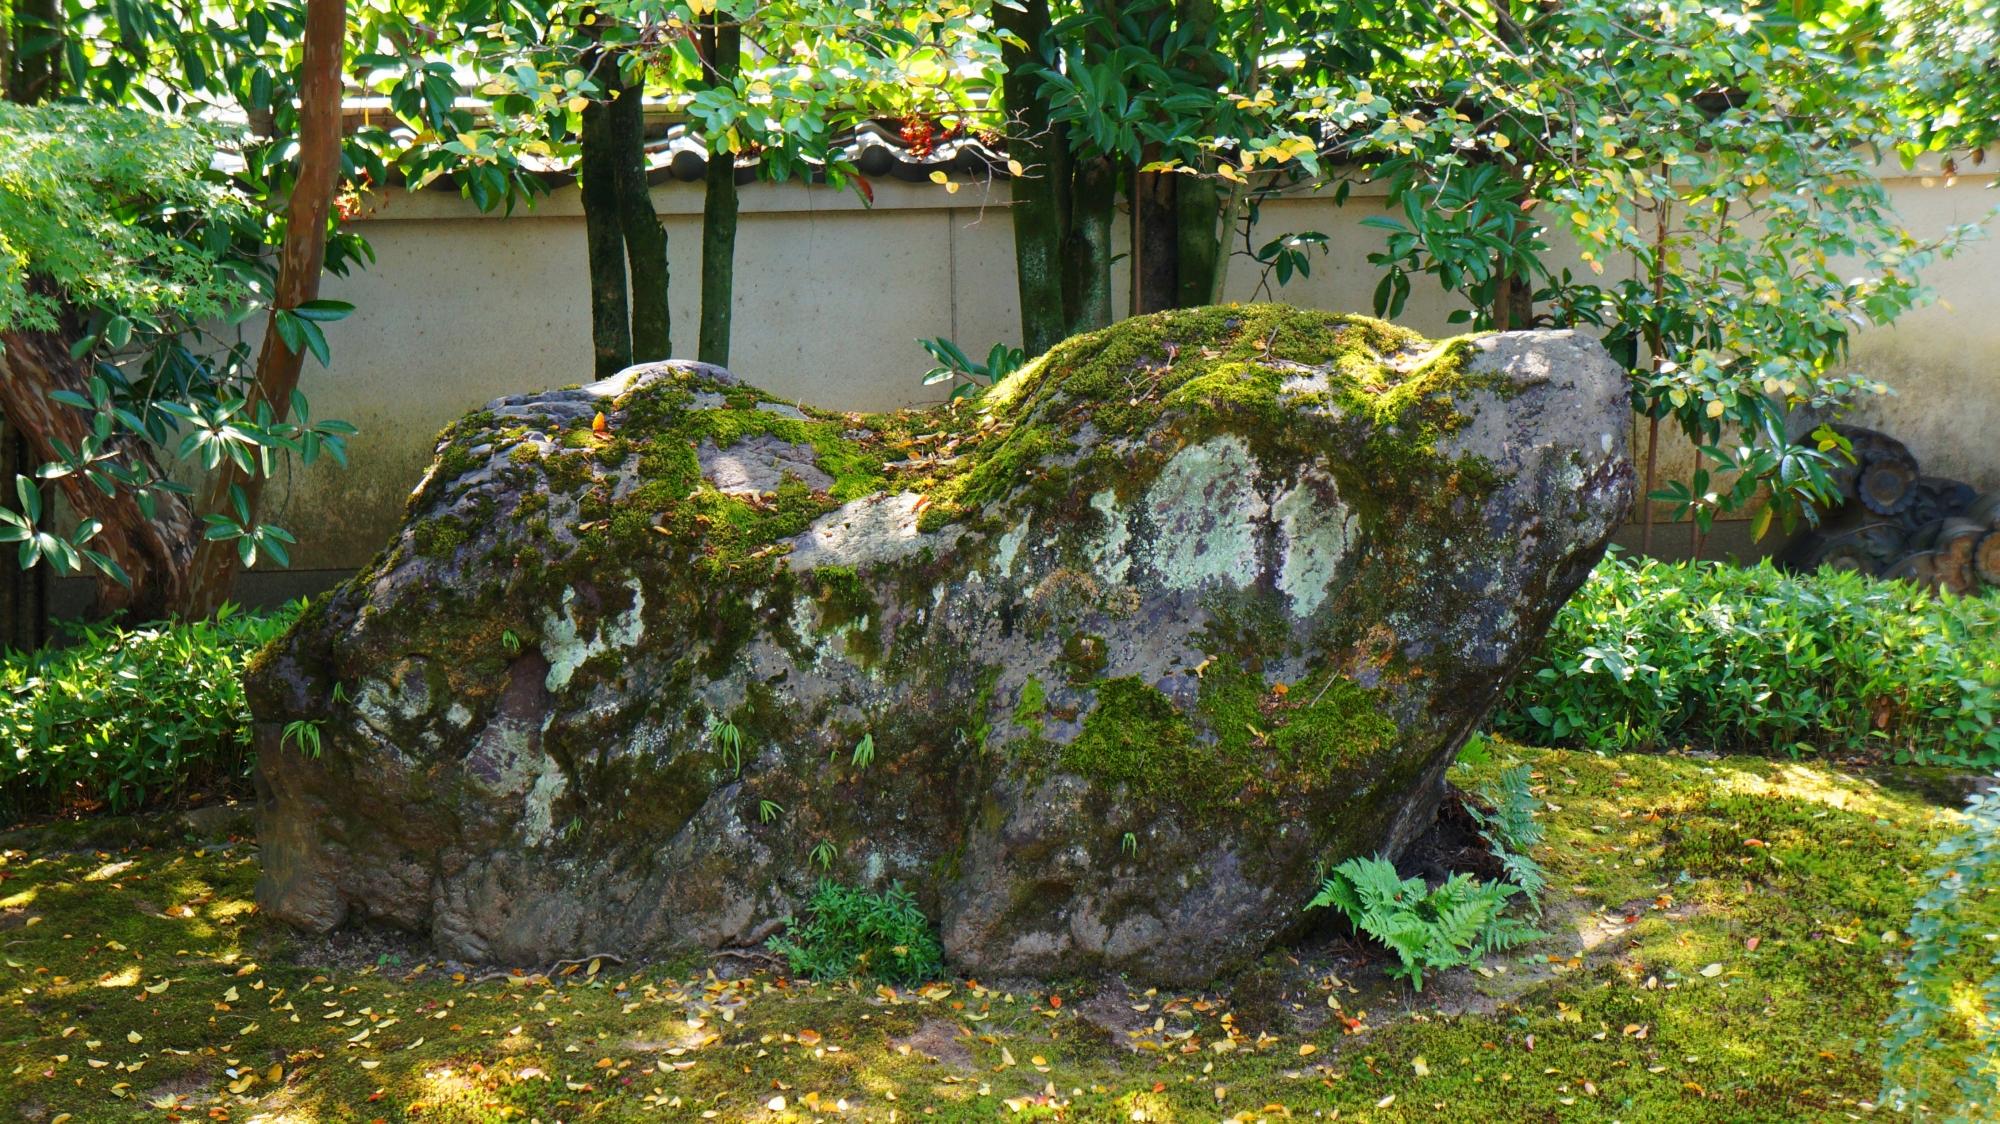 強くも優しいライオンさんの法輪寺(達磨寺)の苔の生える獅子岩